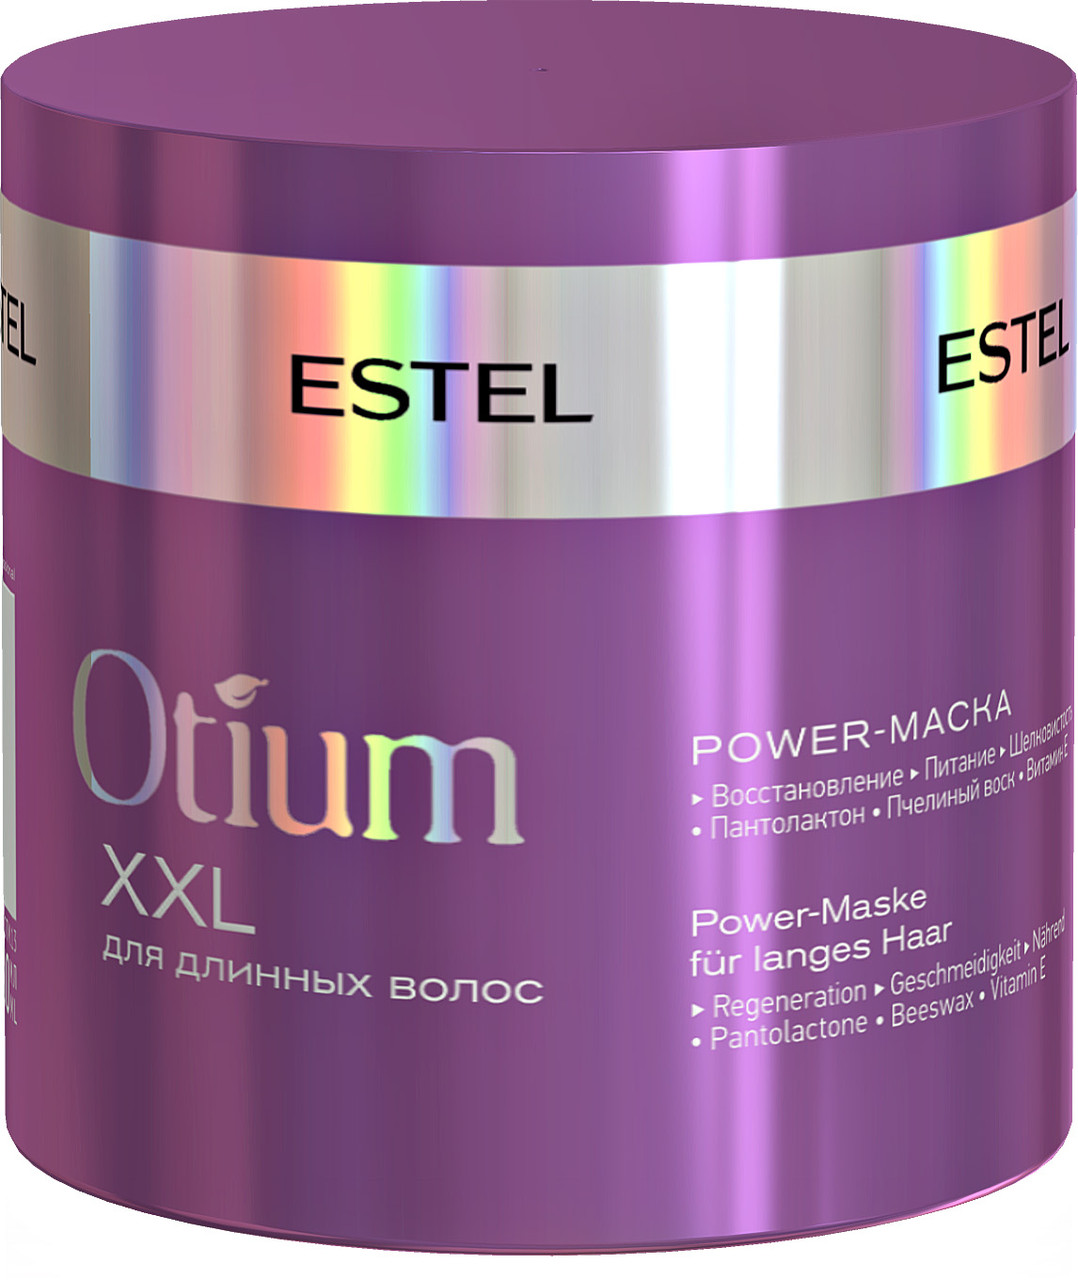 Питательная маска для длинных волос Estel Professional Otium XXL Power